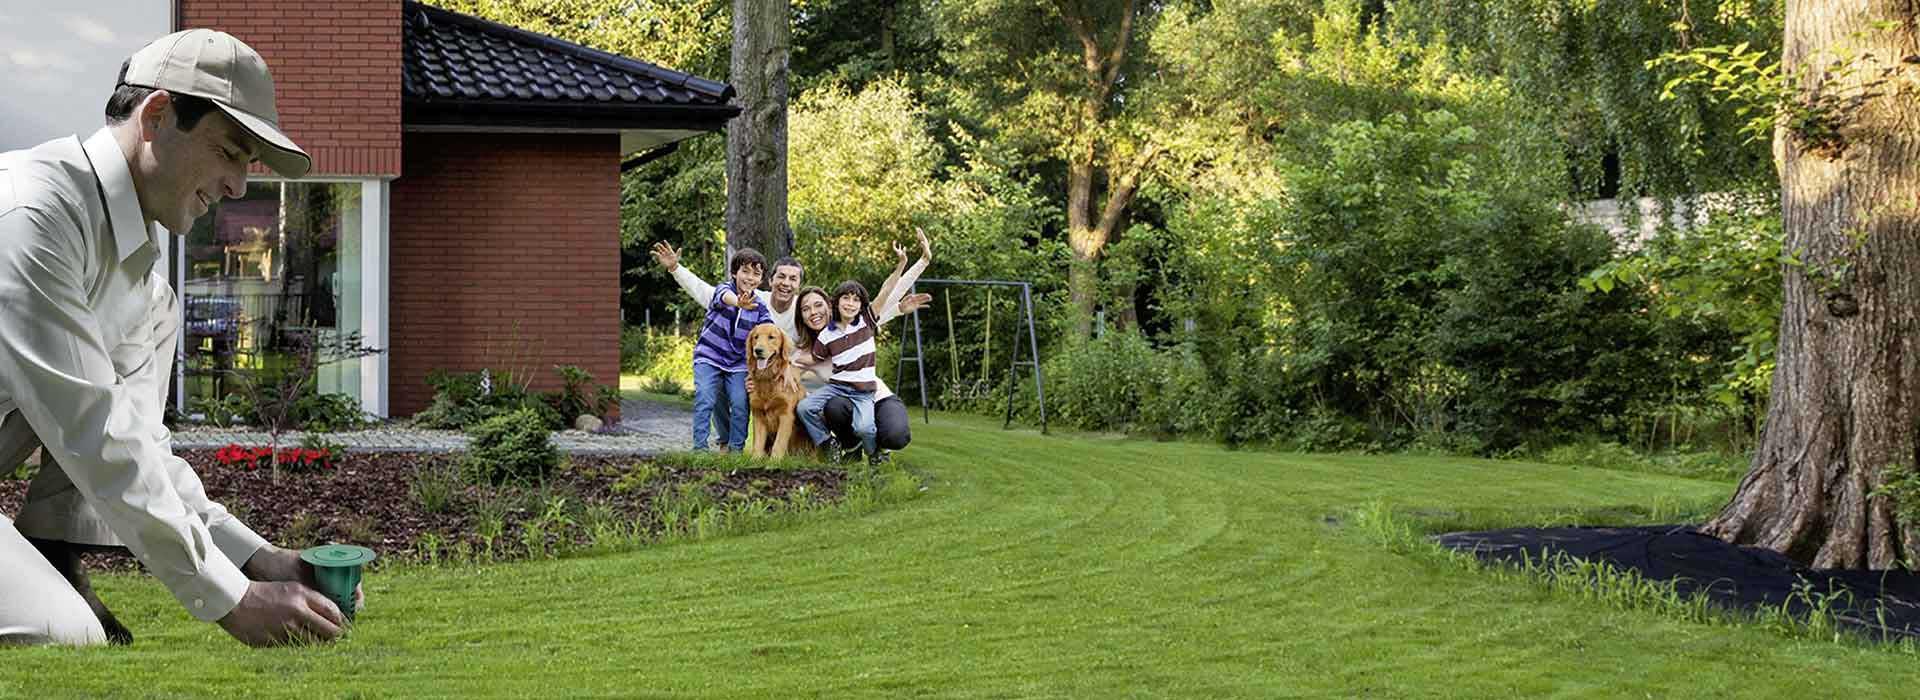 Traitement anti-termites par pièges Sentritech au pays basque